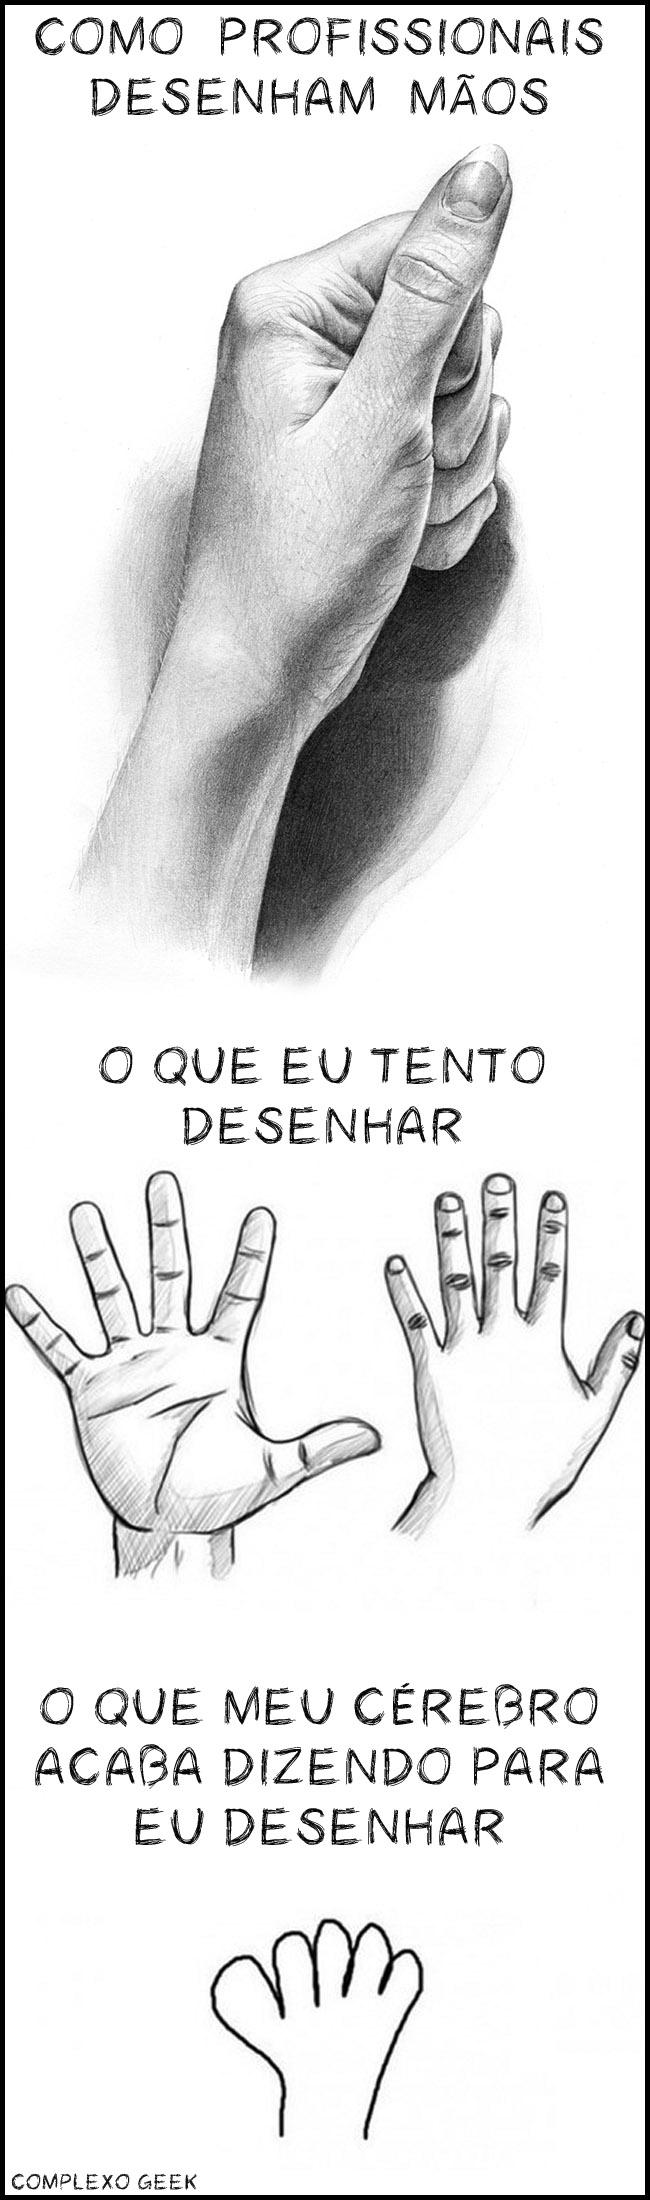 0 a mãos